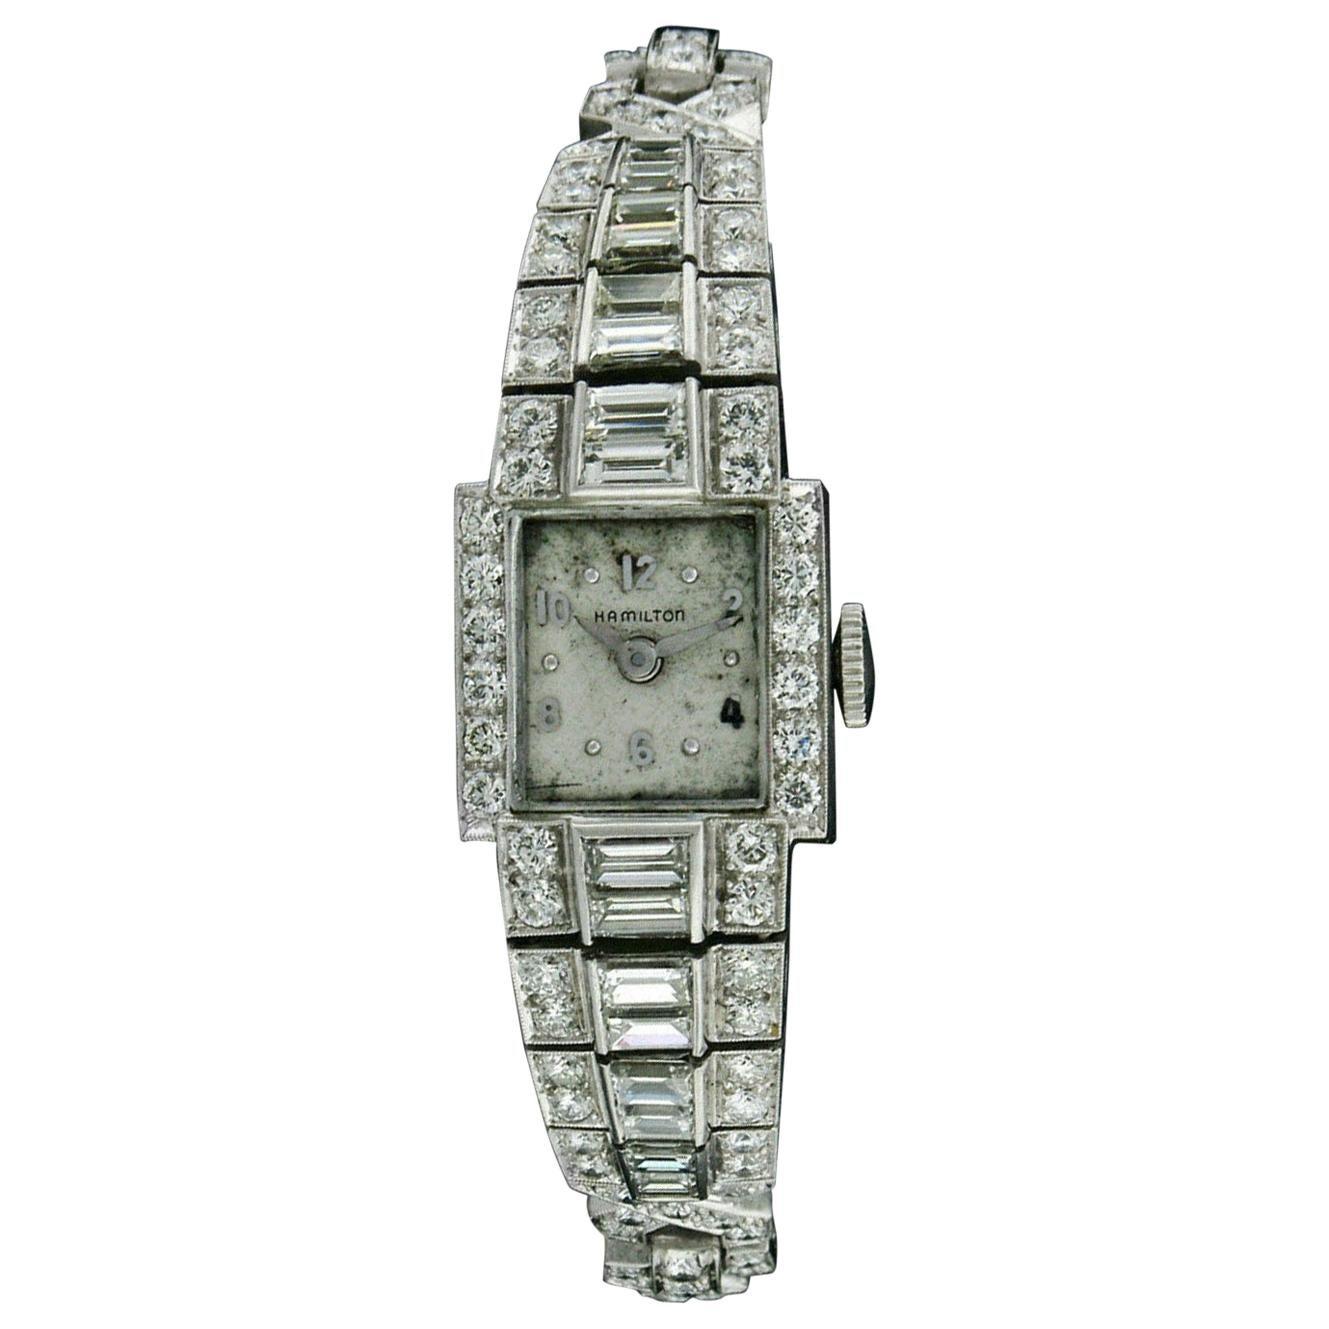 Vintage Ladies Hamilton Wristwatch 7.79ctw Fine Diamond Platinum Case Bracelet